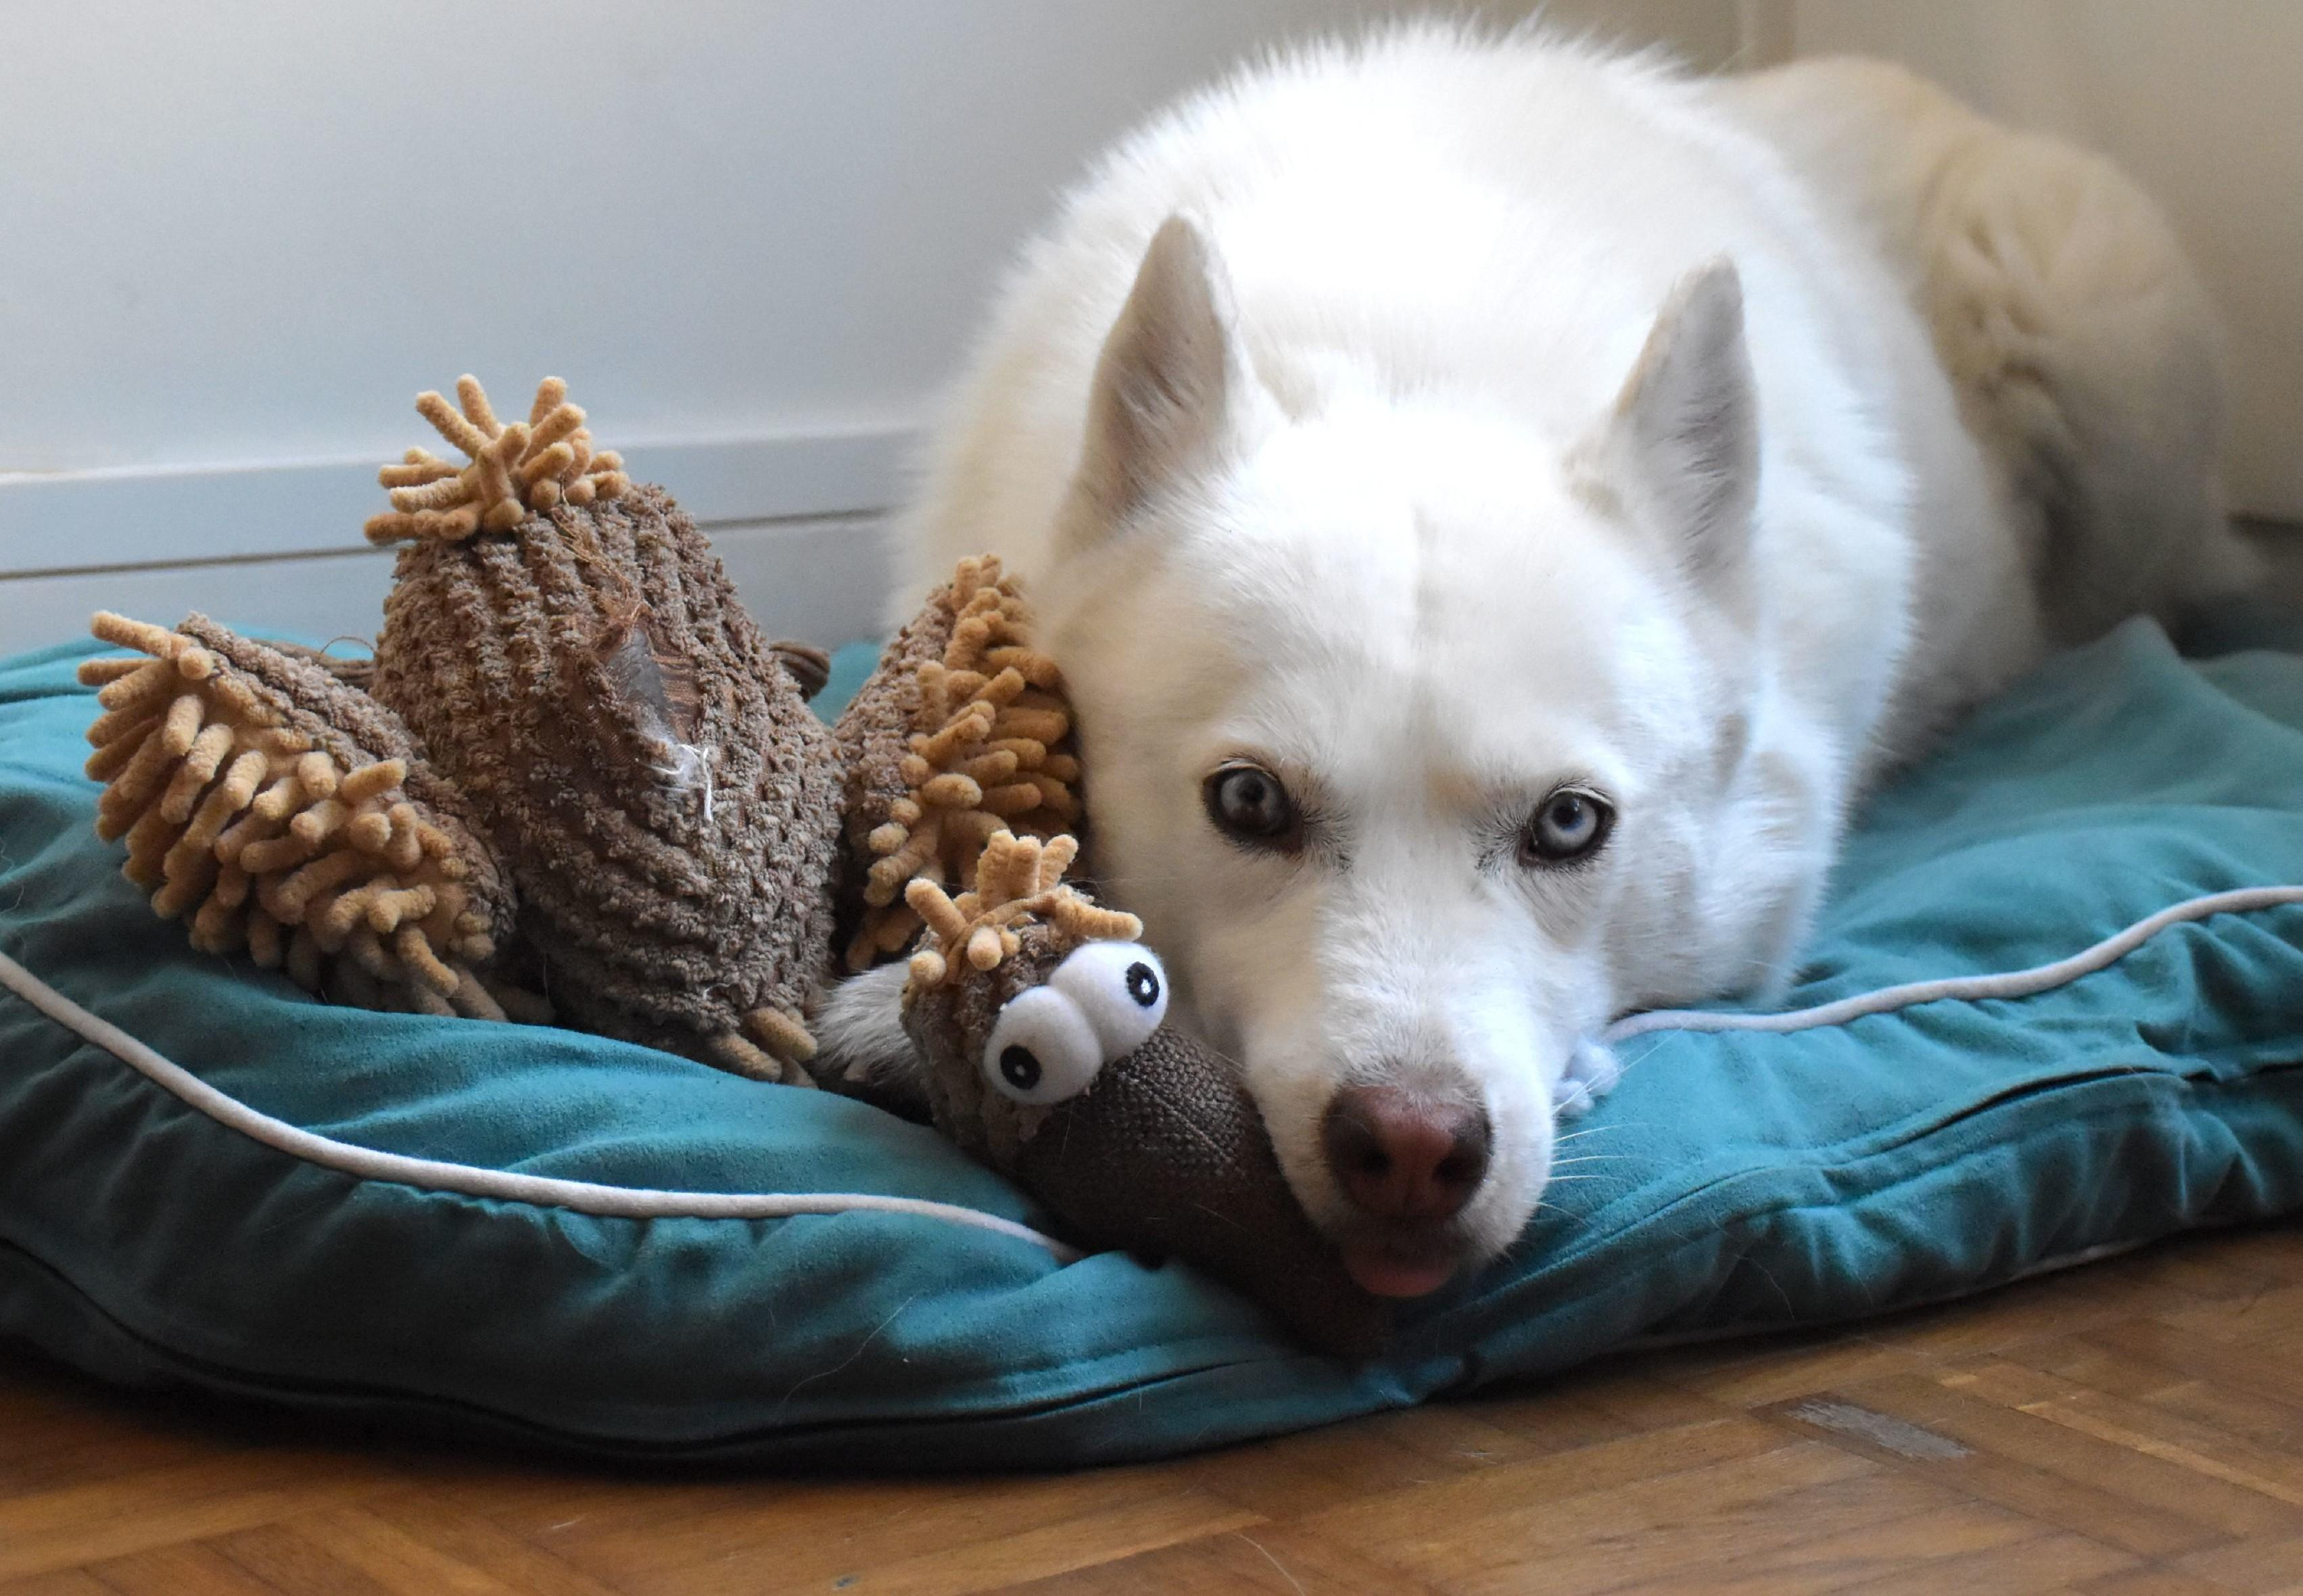 Dog at home